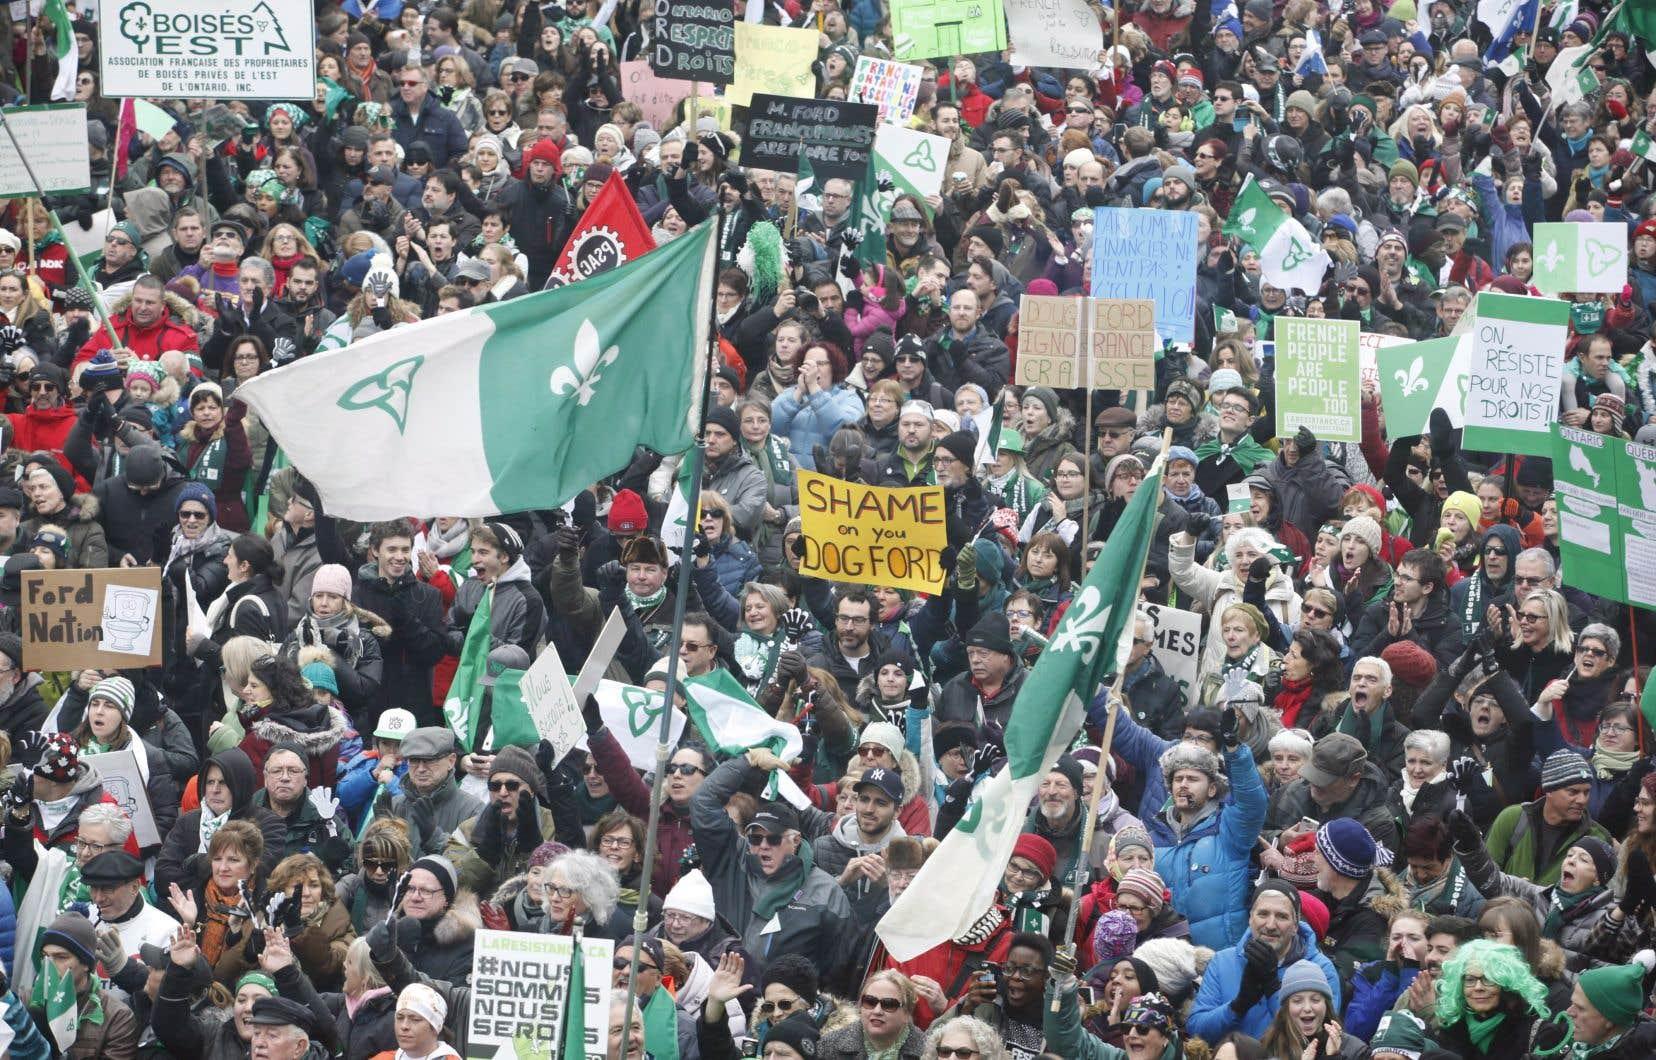 L'épicentre du mouvement était situé à Ottawa, où quelque 5000 personnes ont convergé au monument canadien pour les droits de la personne.